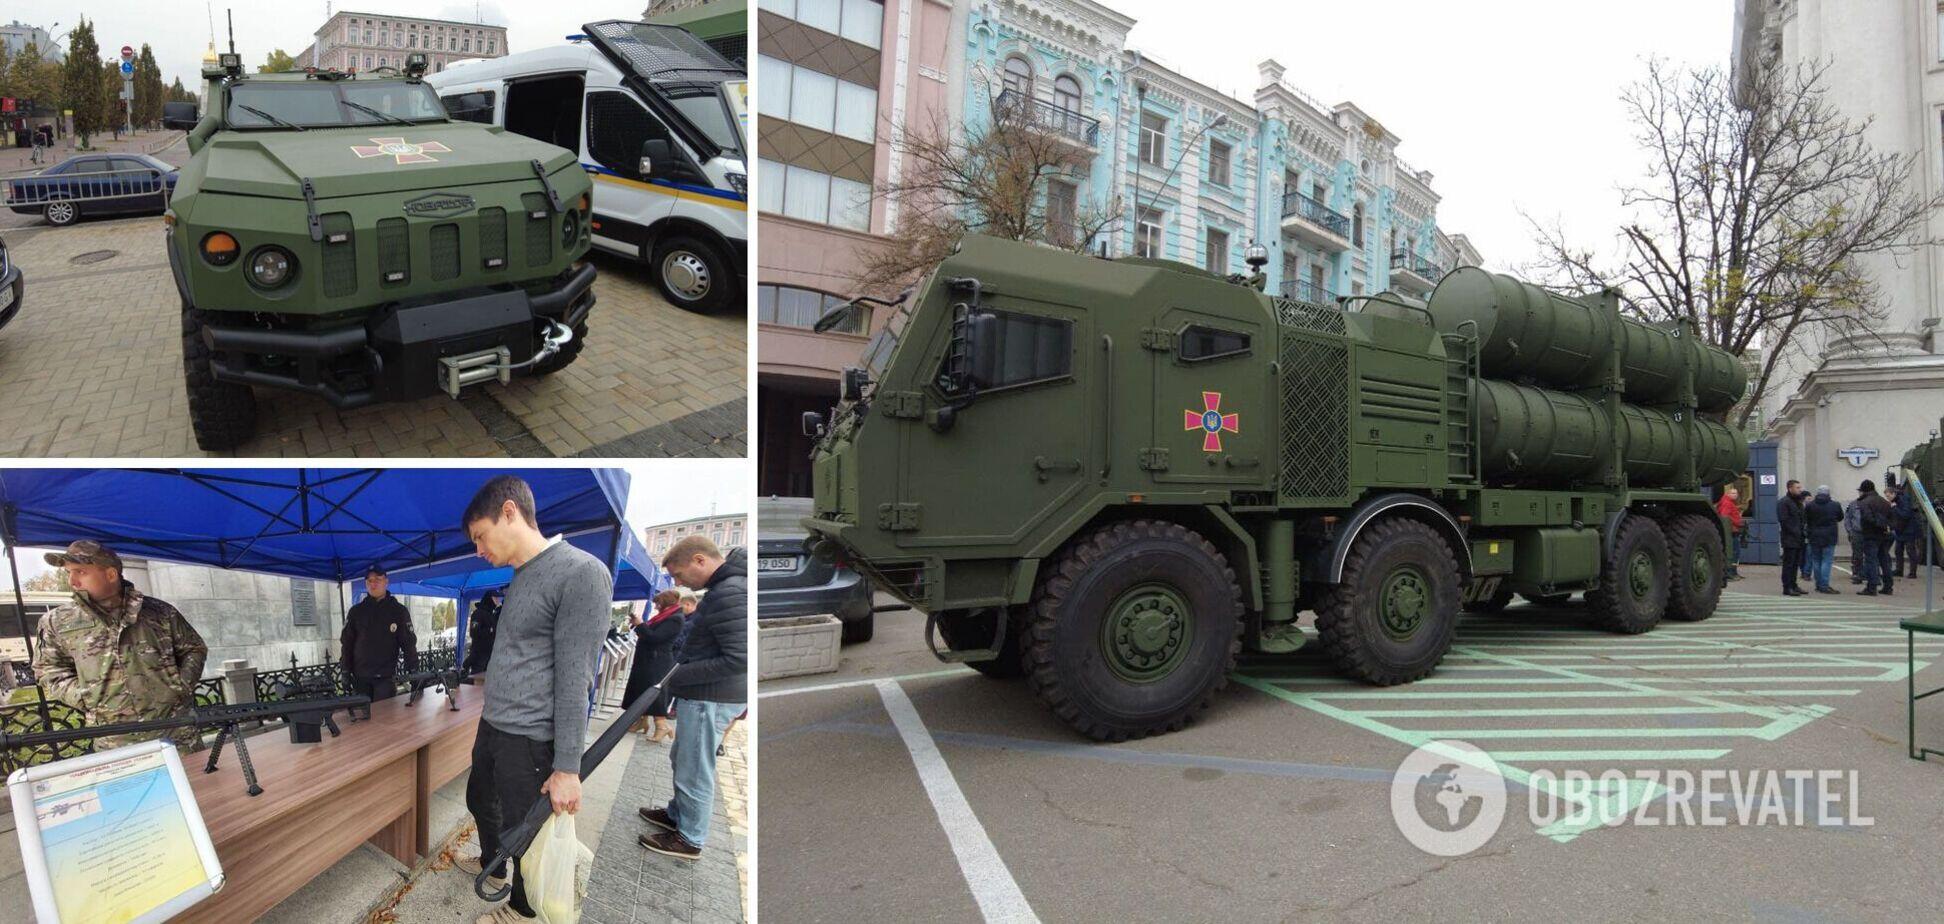 У Києві до Дня захисників і захисниць України відкрилася виставка сучасного озброєння. Фото та відео